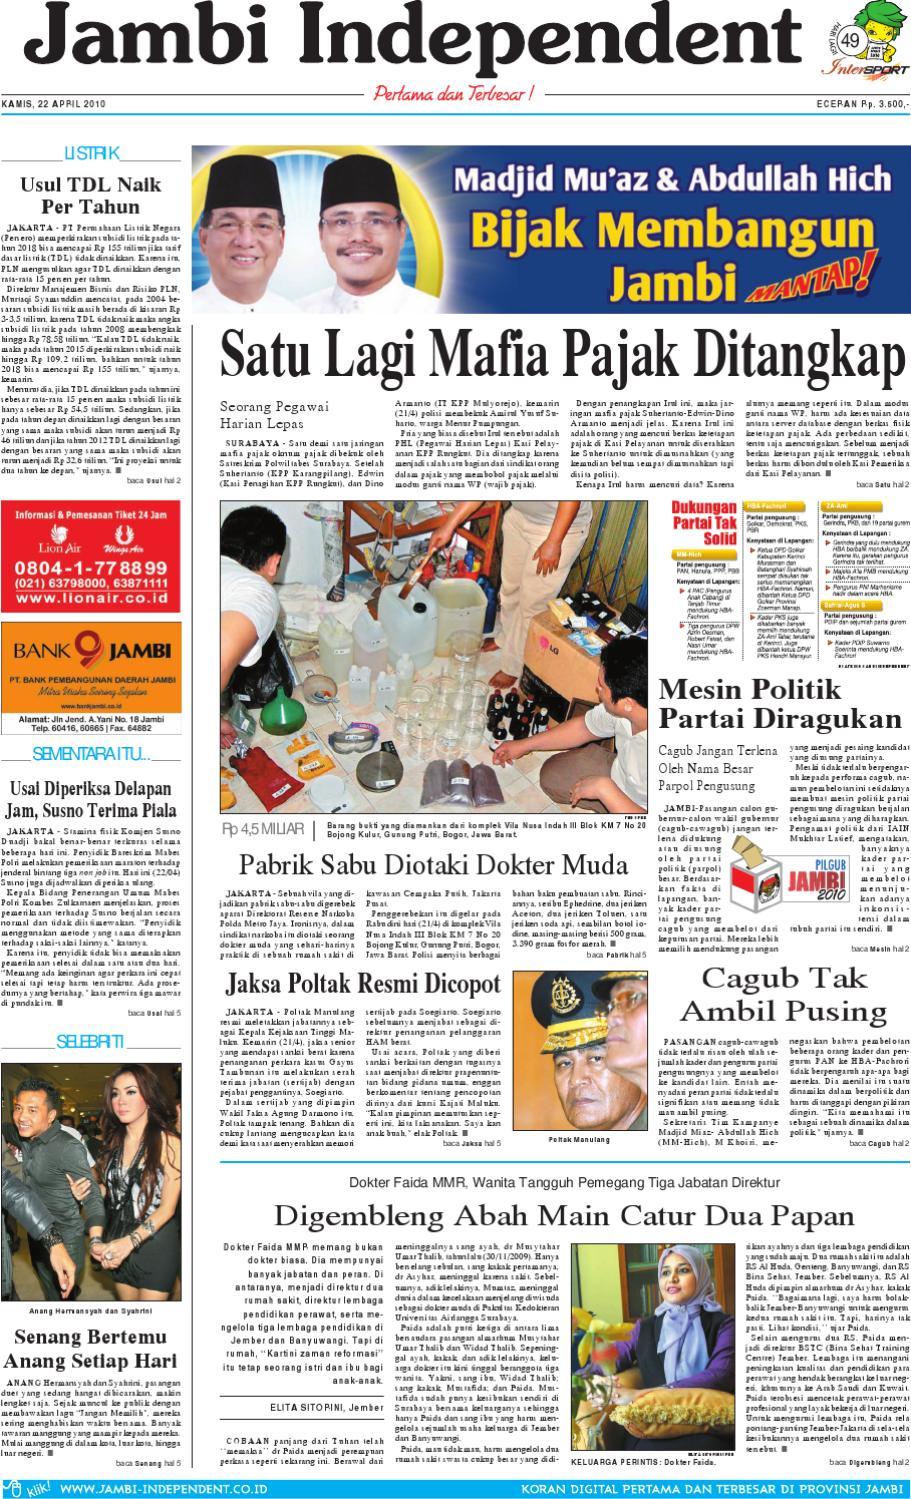 Jambi Independent 22 April 2010 By Issuu Produk Ukm Bumn Batik Lengan Panjang Parang Toko Ngremboko